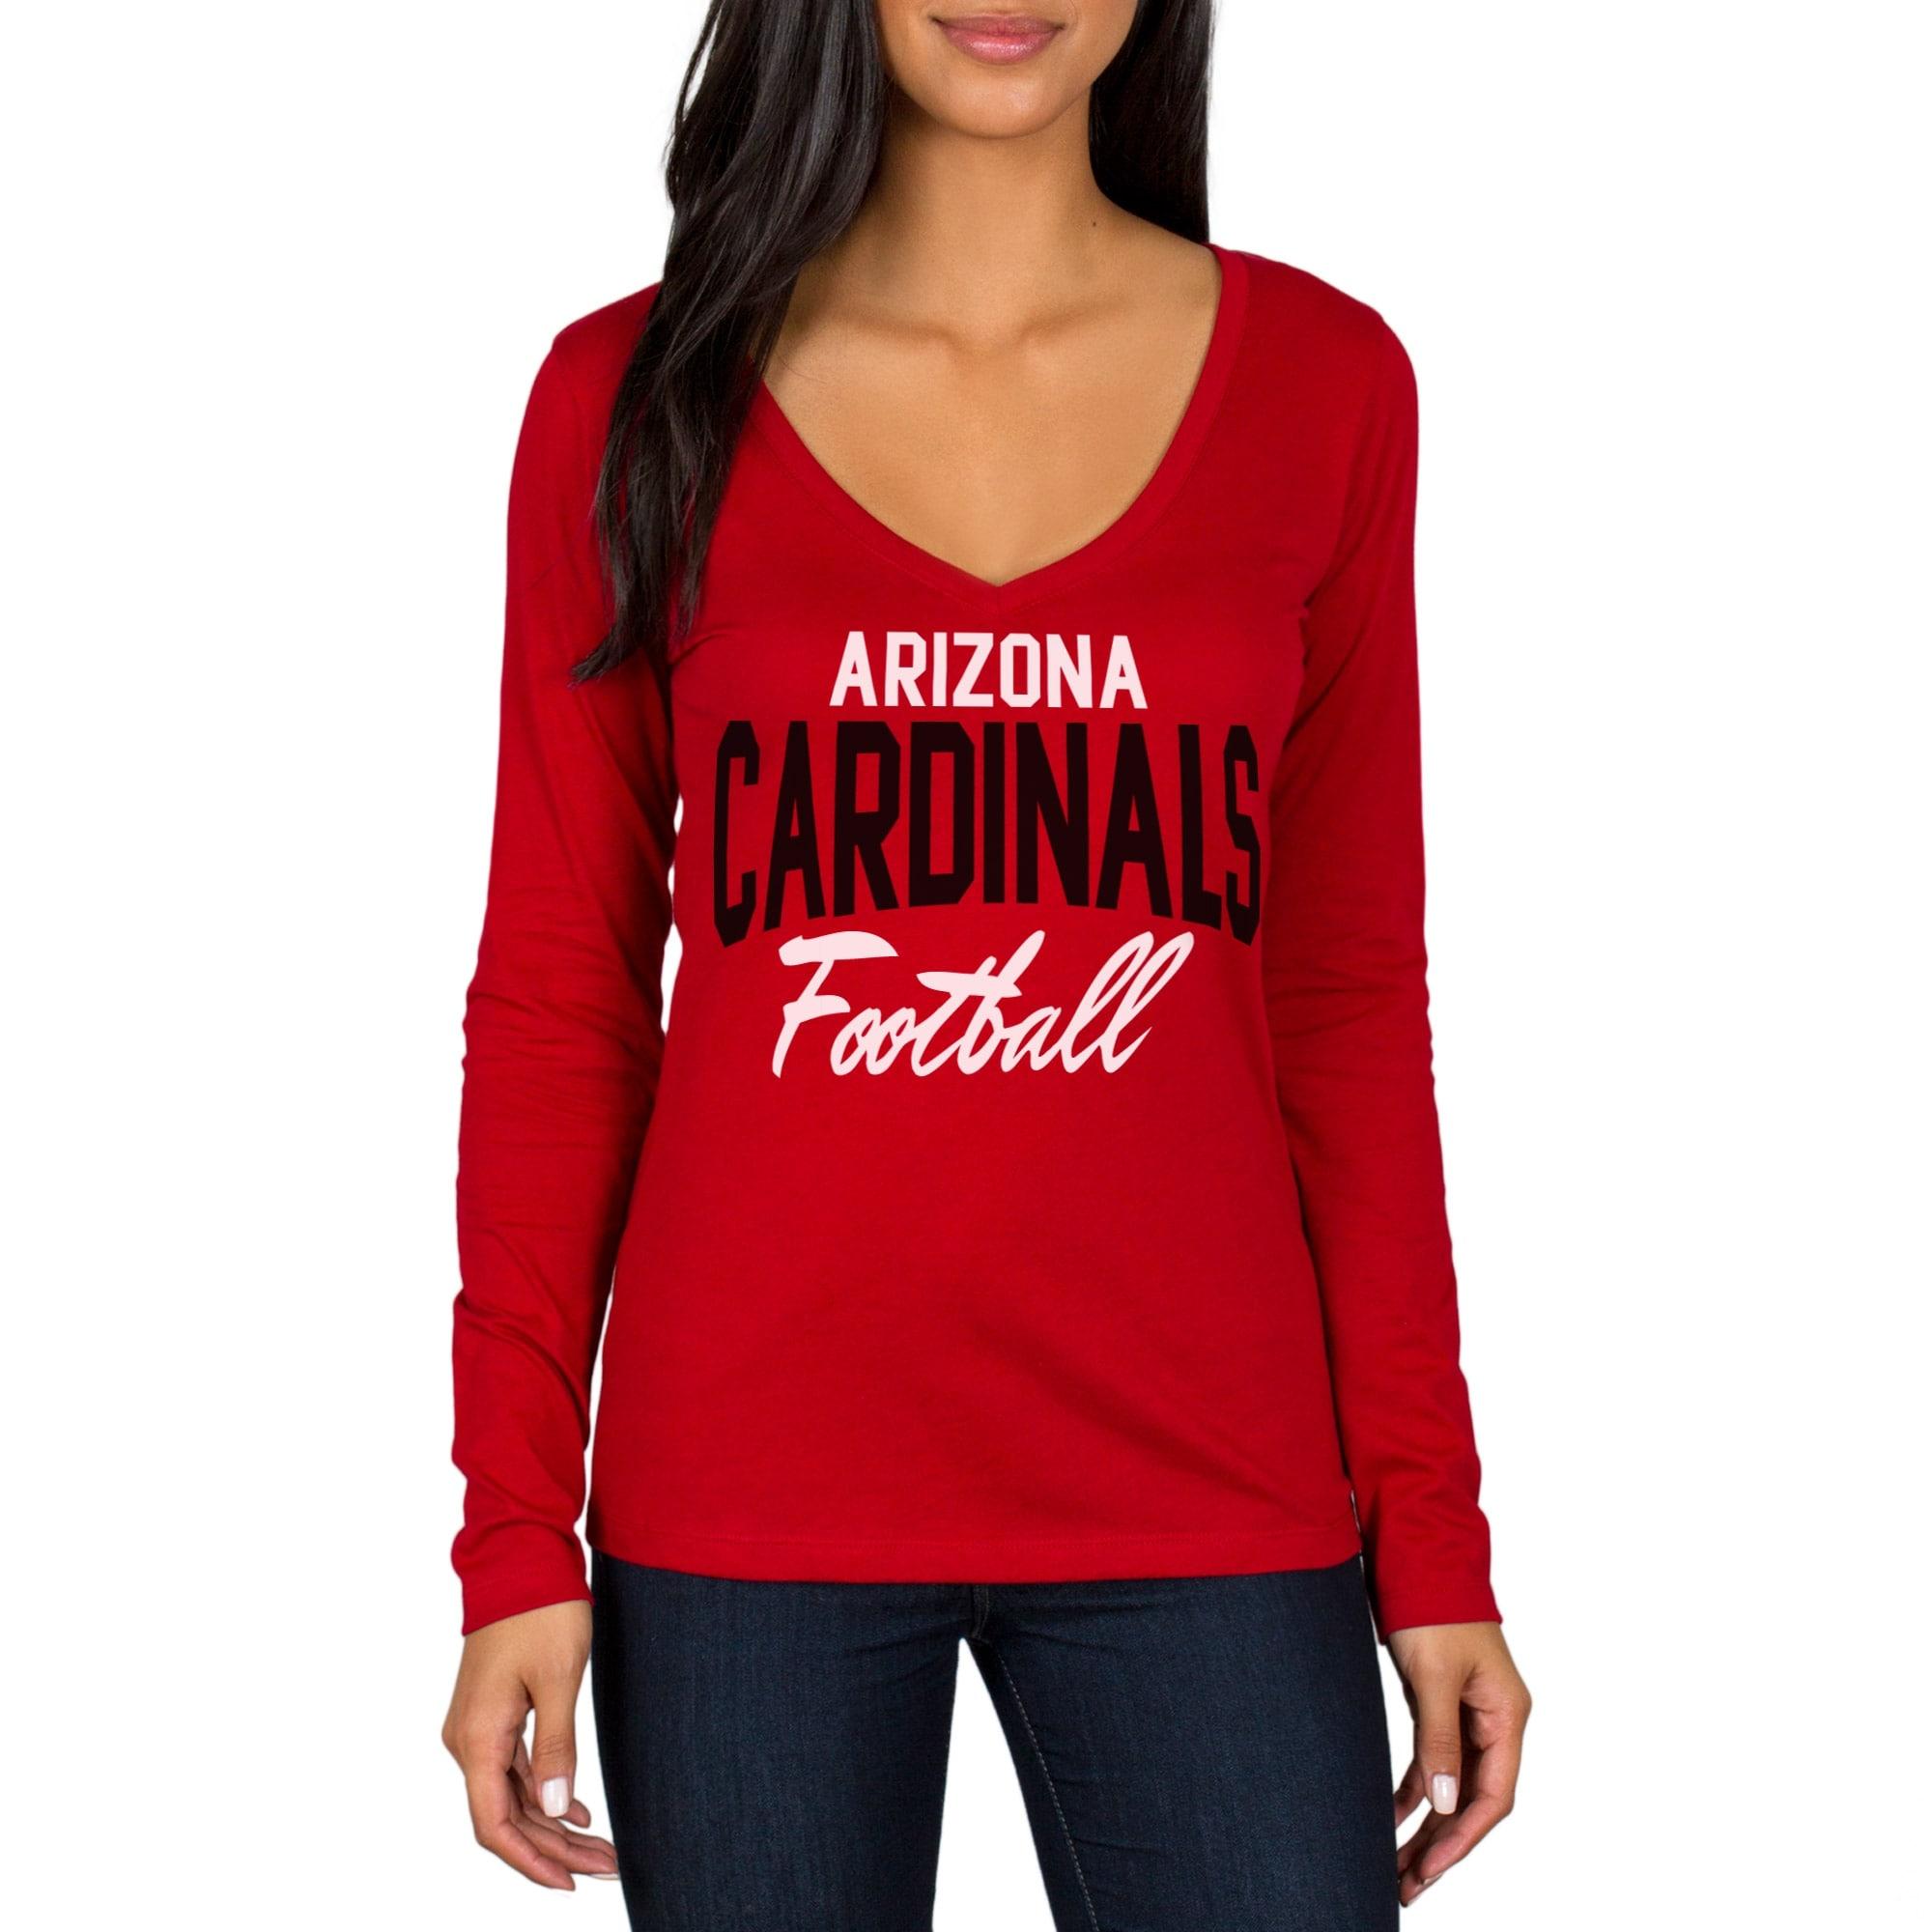 Arizona Cardinals Women's Direct Snap V-Neck Long Sleeve T-Shirt - Cardinal